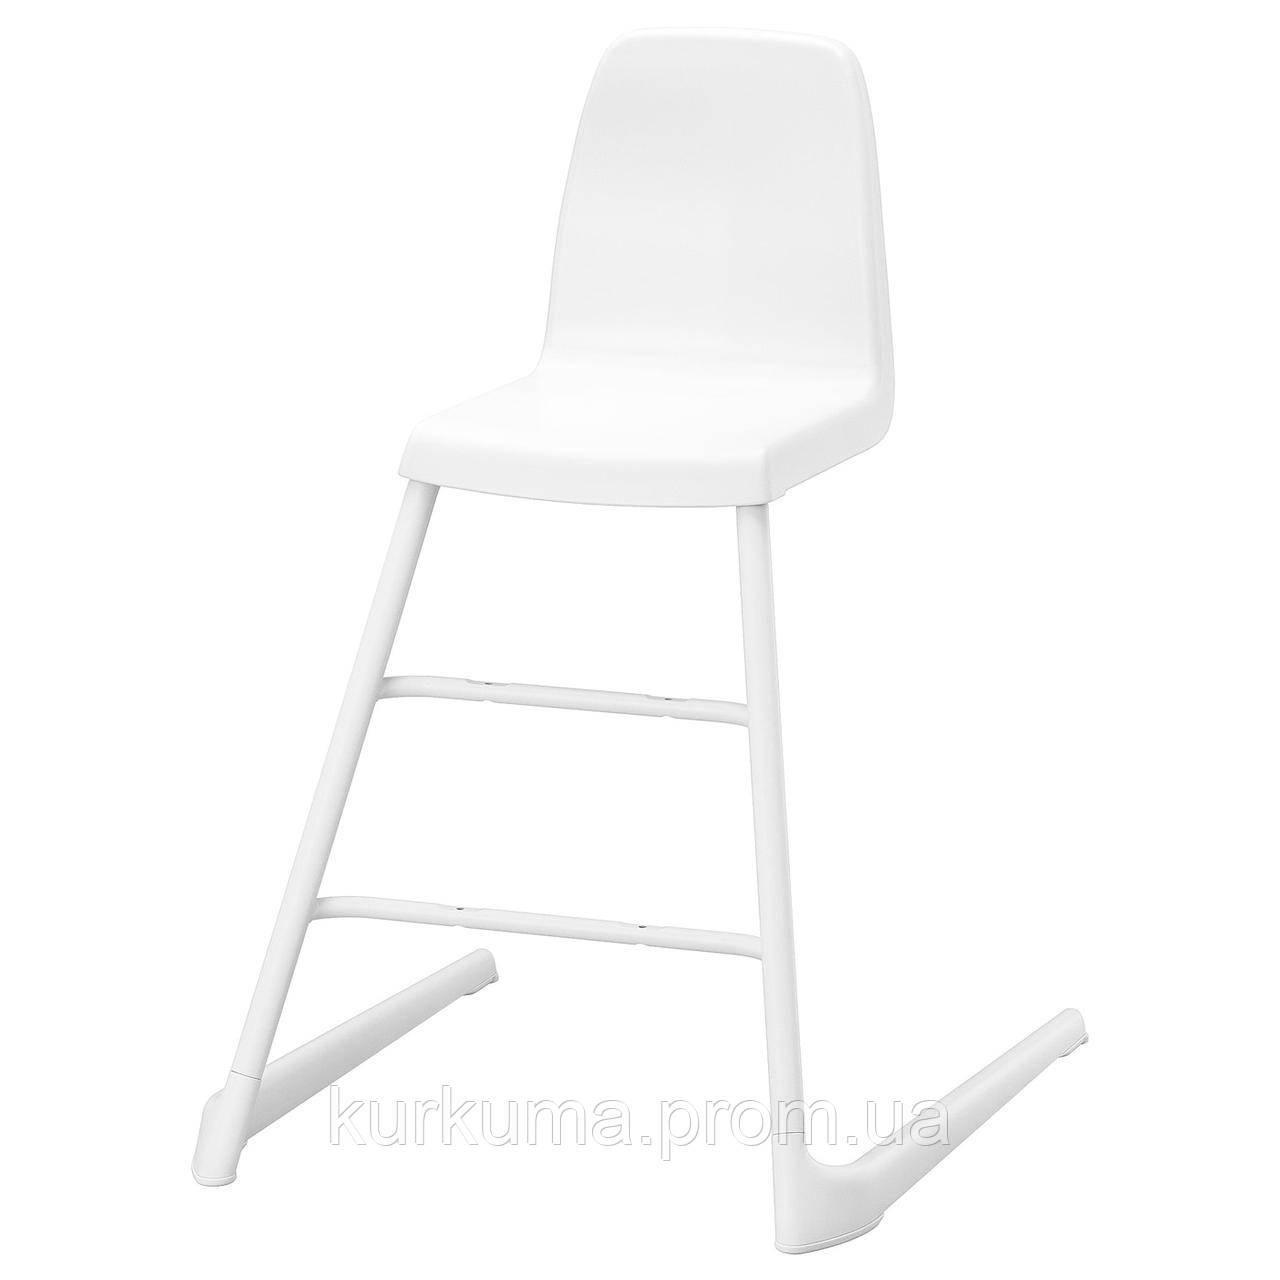 IKEA LANGUR Детское кресло, белое (192.526.15)